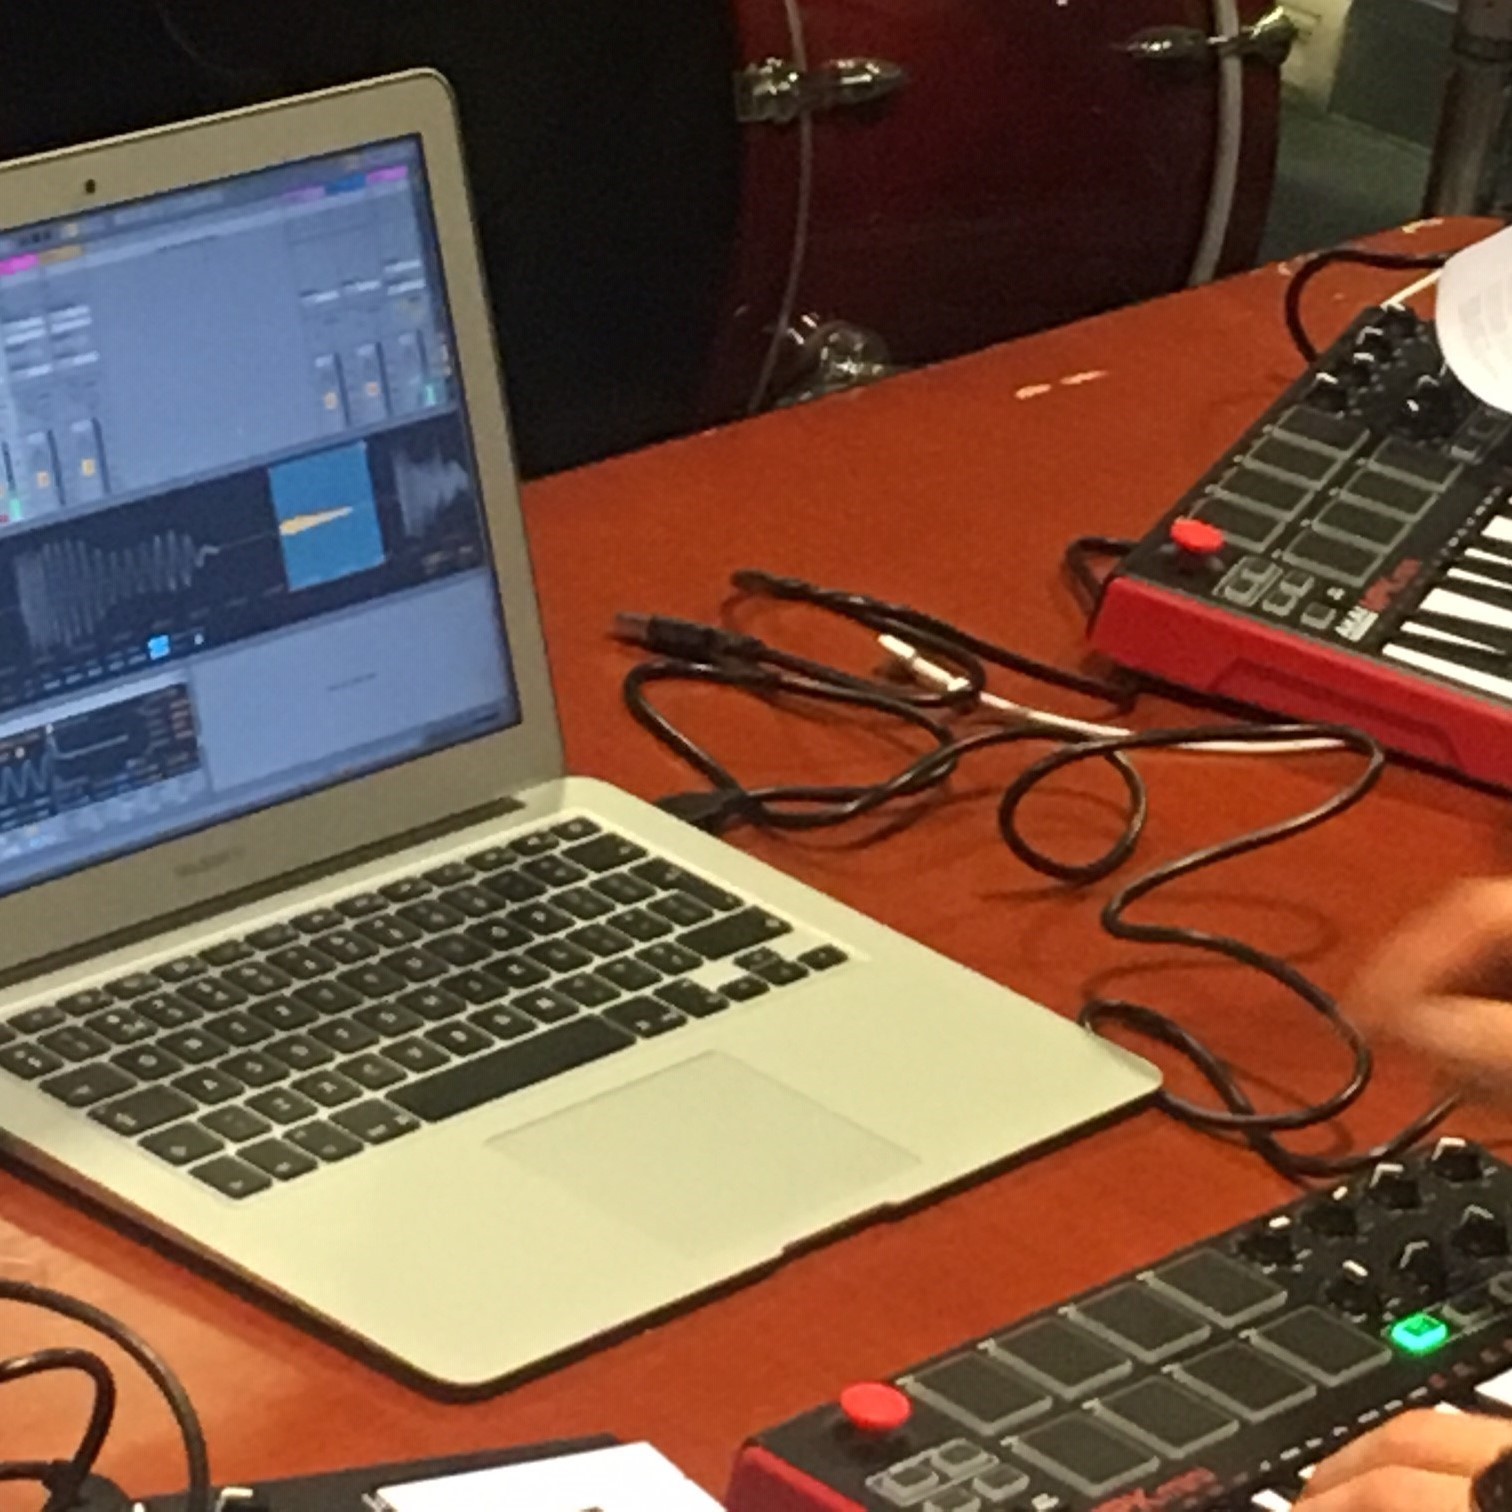 muziekbeats maken op een MacBook - Veel songs worden niet vanuit een band gemaakt maar vanuit de computer. In de ze workshop ga je aan de slag op de Mac met Ableton Live, momenteel de meest gebruikte productie software voor het maken van beats. Je leert de basistechnieken van het programma en creert d.m.v. samples - live recording - editting een nieuwe song. Aan het eind van de workshop upload je jouw beat zodat je hem overal kan laten horen.